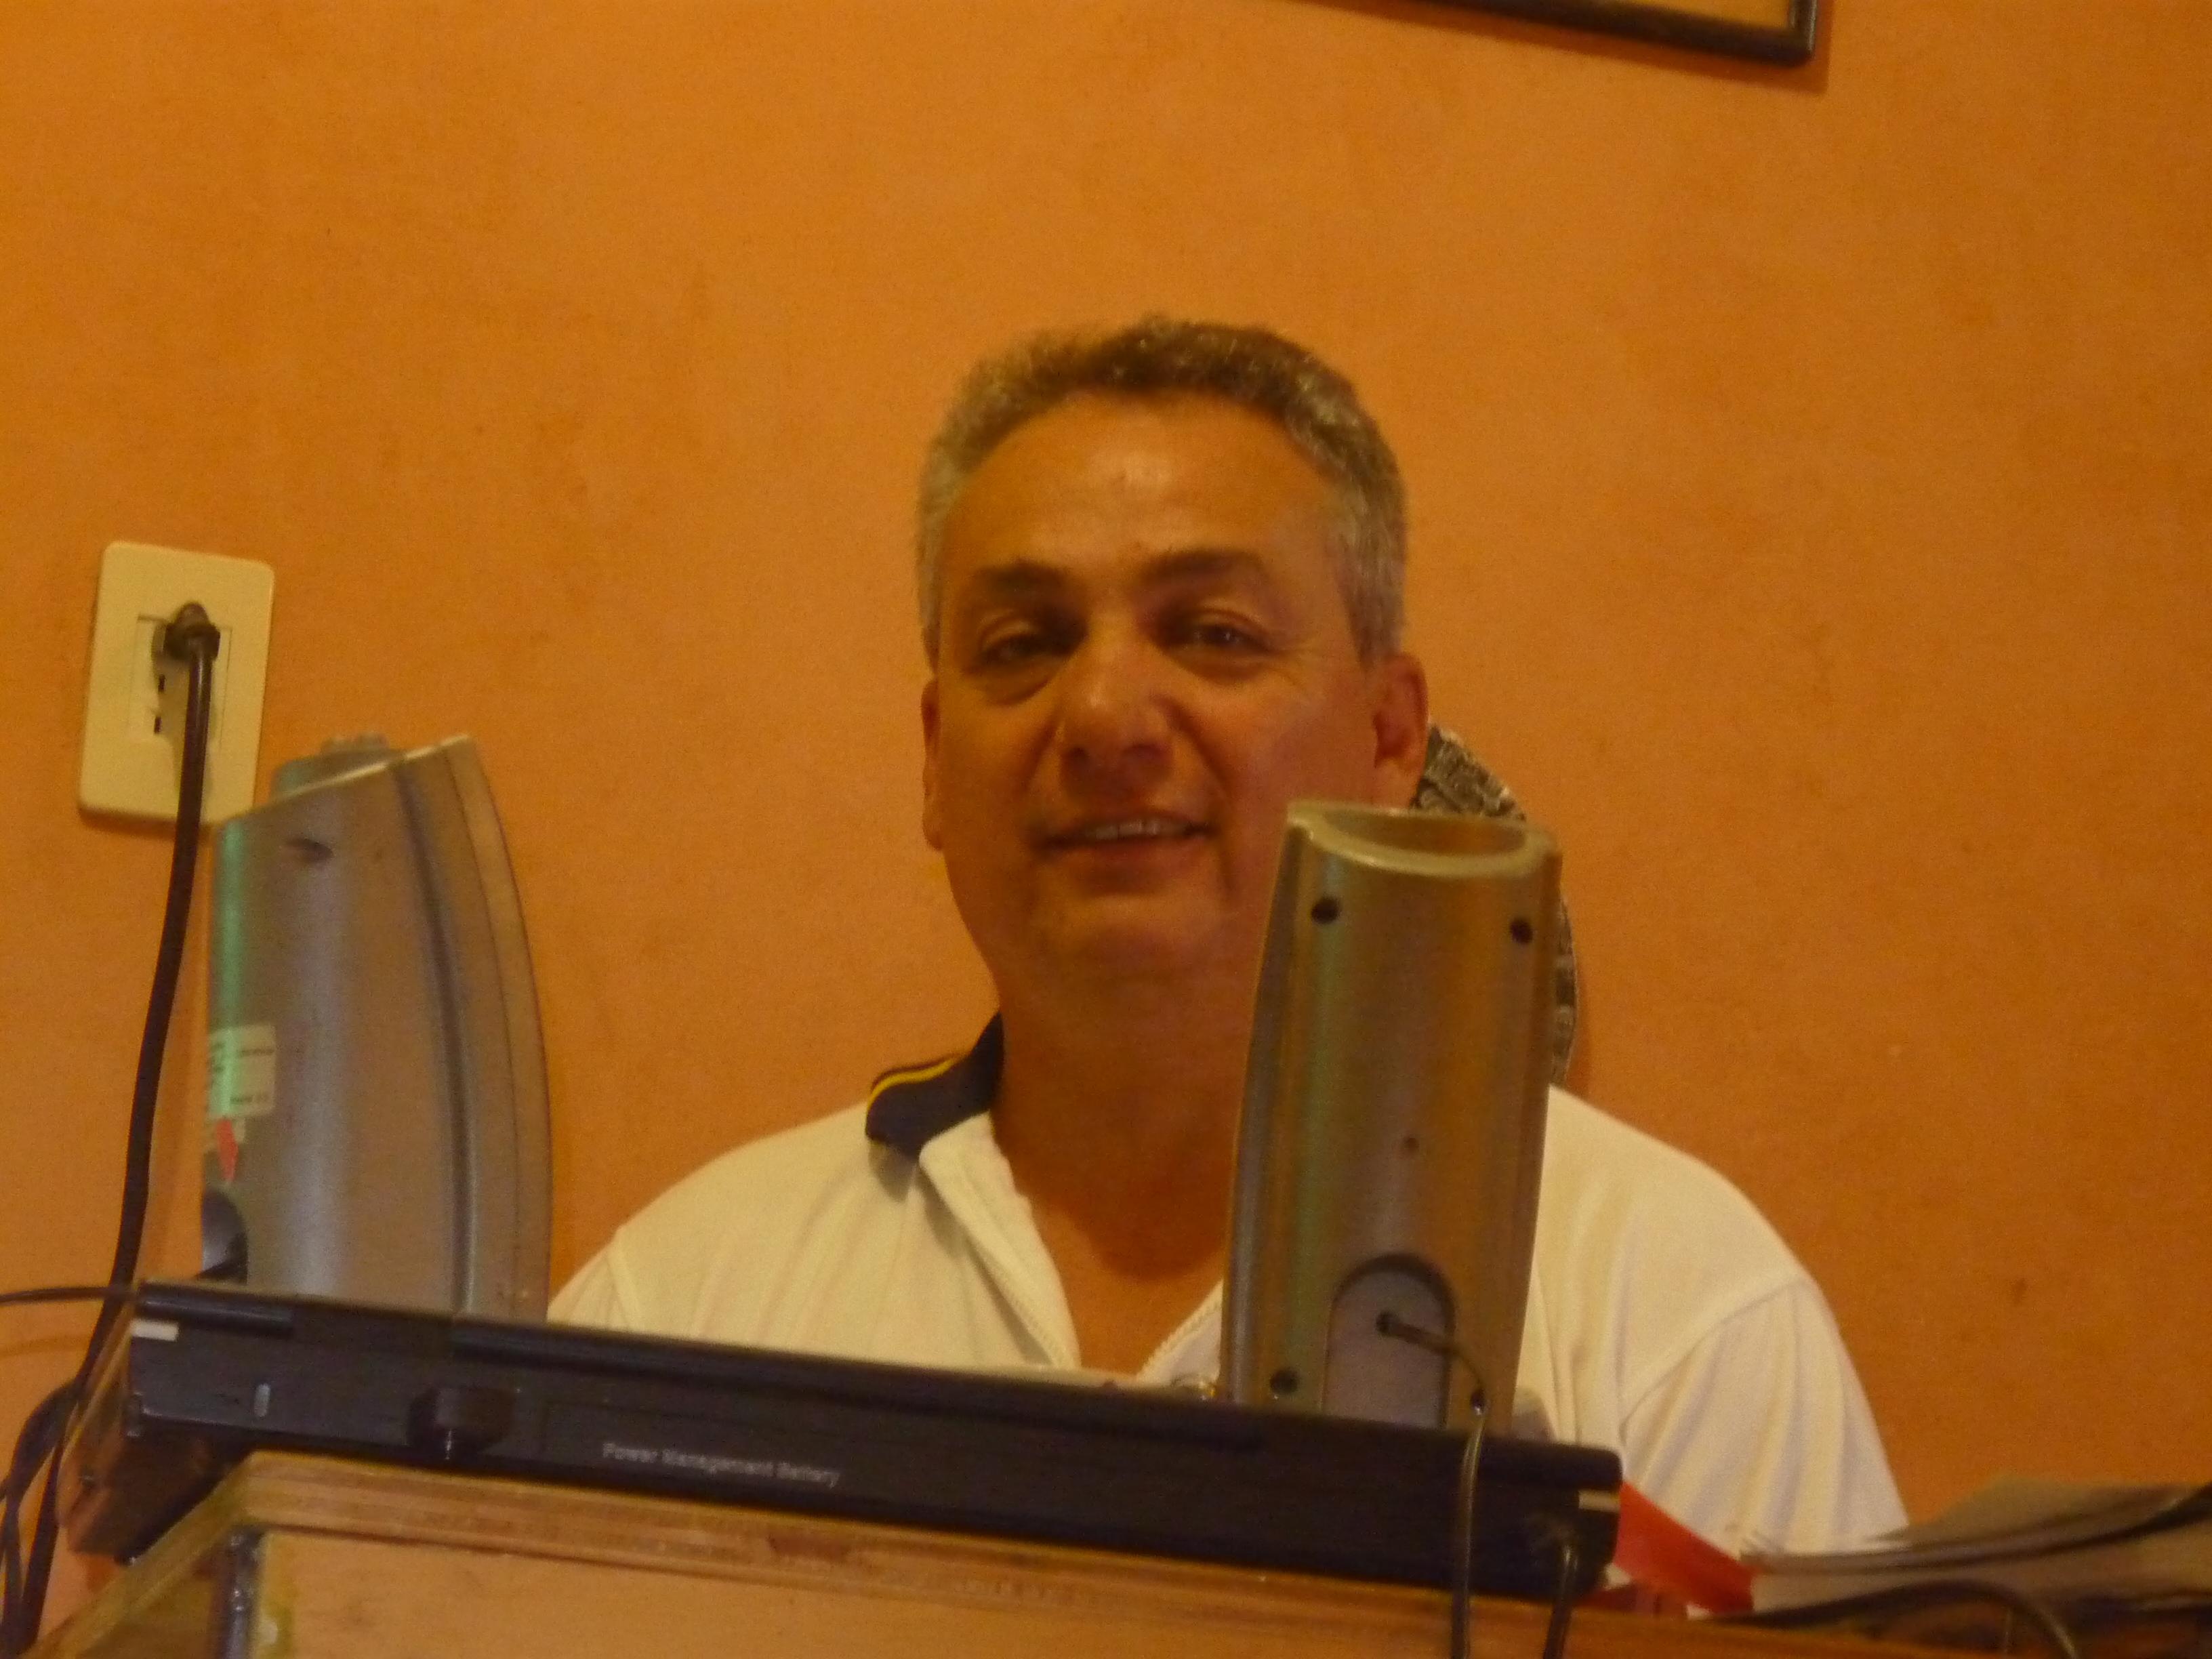 Carlos Winder